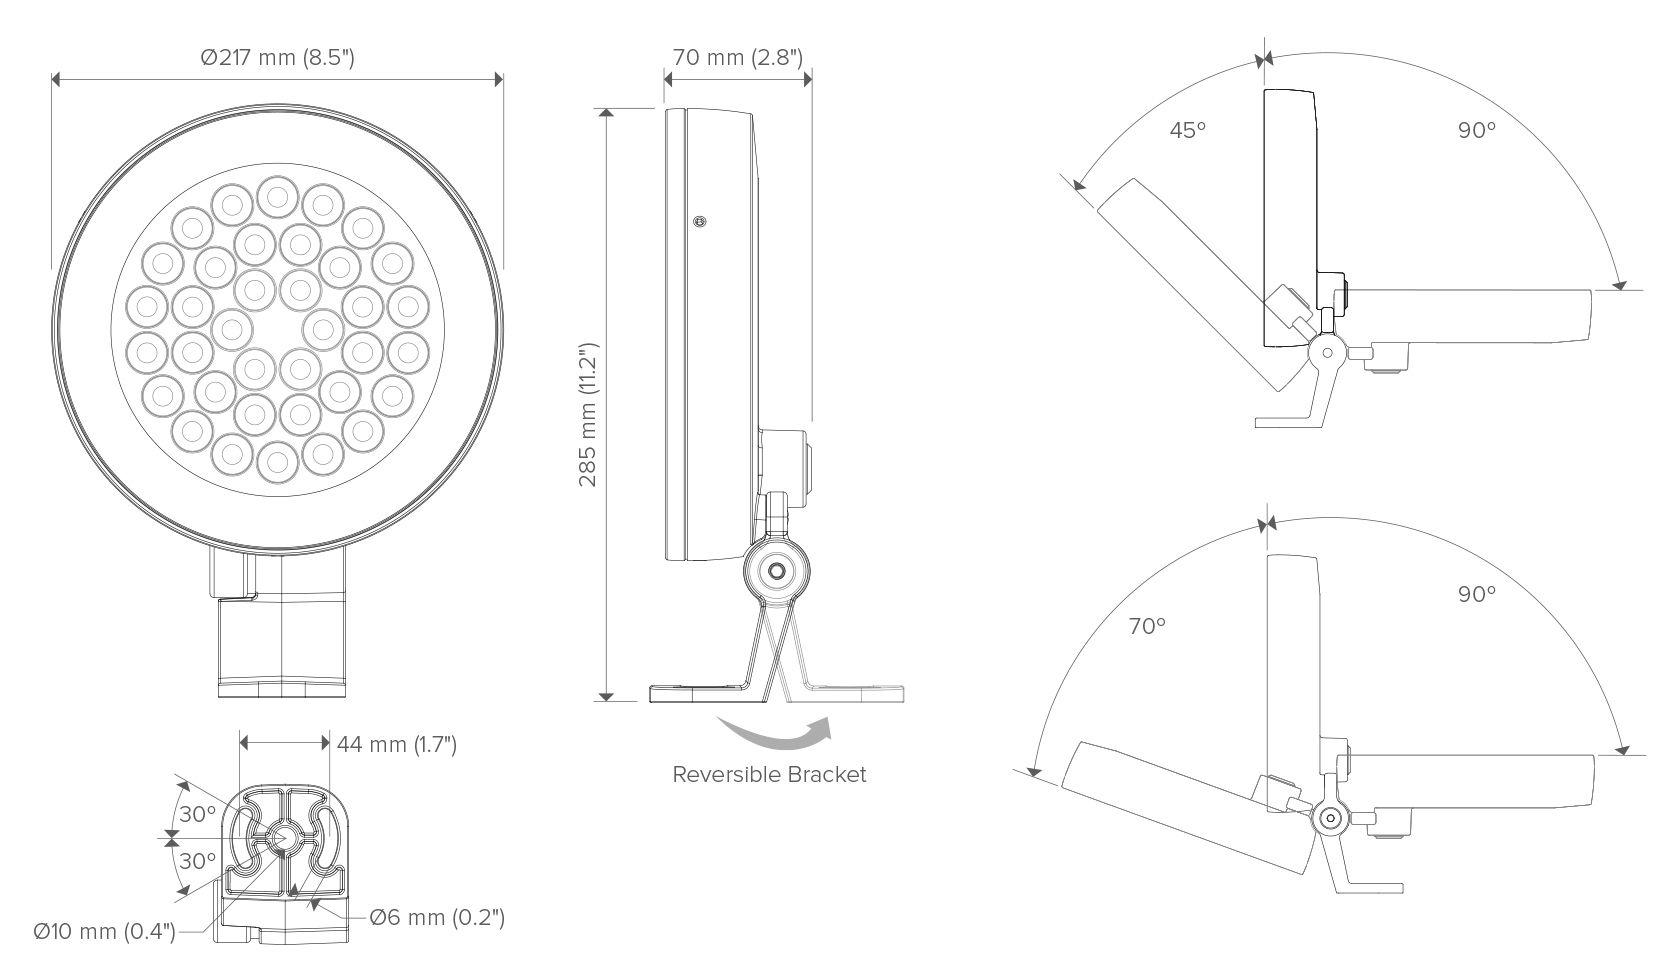 Ls5030 Woda Underwater Luminaire Lumascape Rgbw 010v Led Dimmer Controller Sr2811110v Specifications